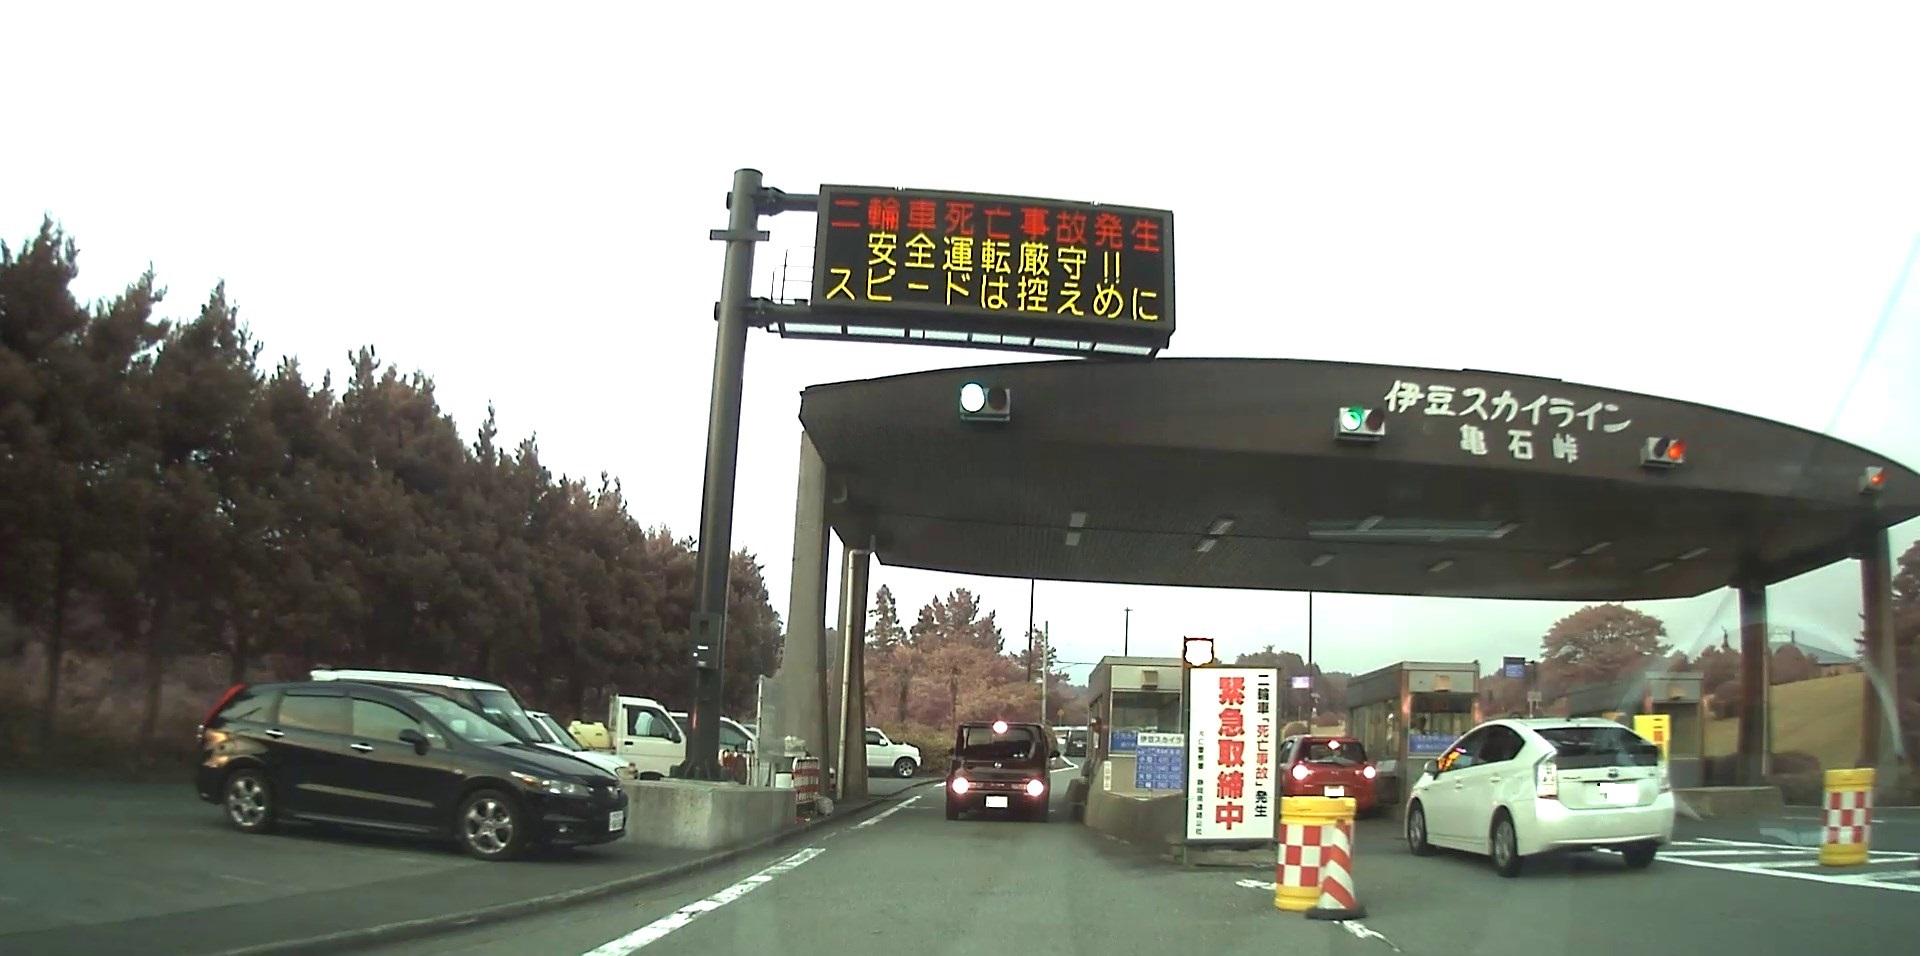 【亀石峠I.C~サイクルスポーツセンター】静岡県道19号